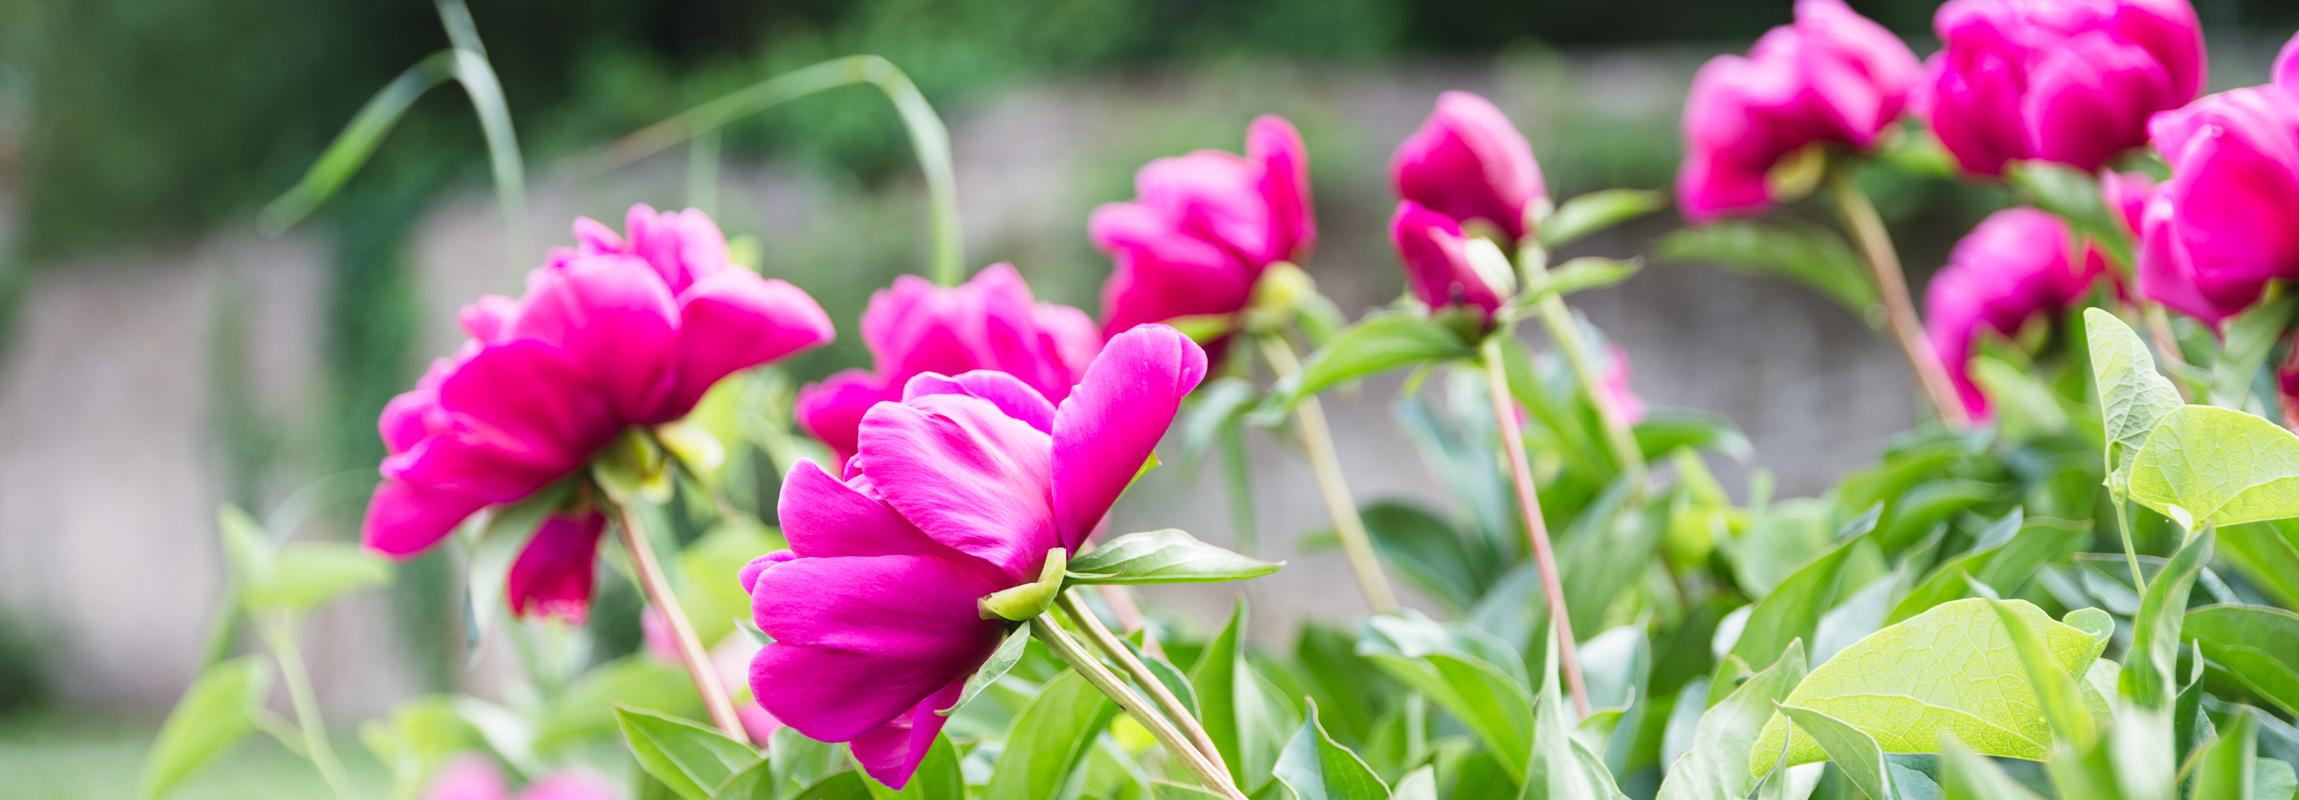 Fleur dans le jardin olfactif